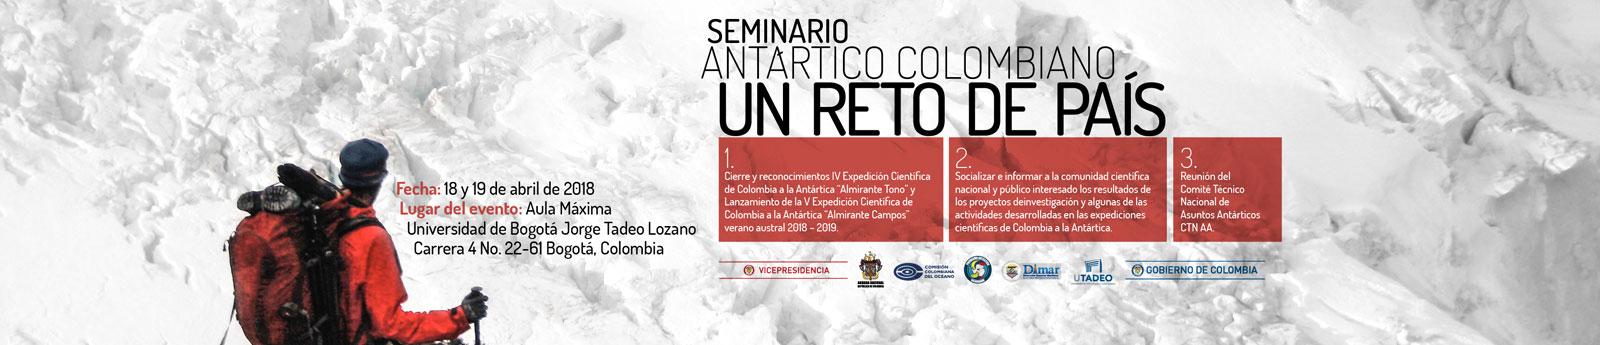 Seminario Científico Nacional 'Un Reto País'